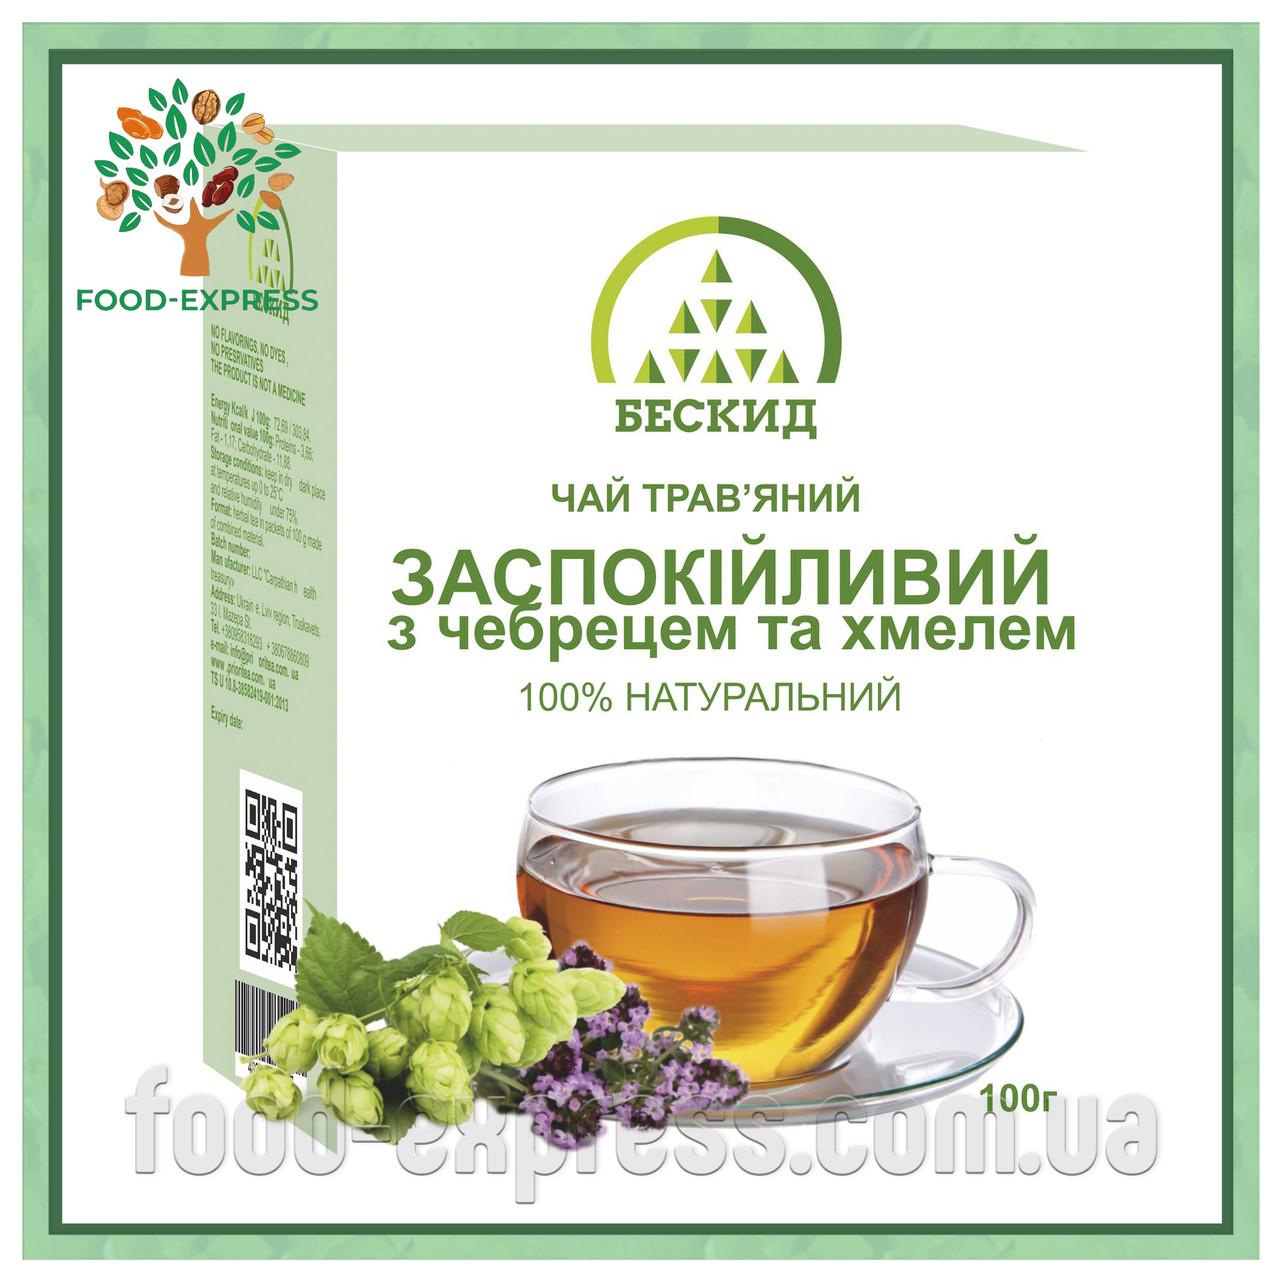 Чай трав'яний «Заспокійливий» з чебрецем та хмелем 100г